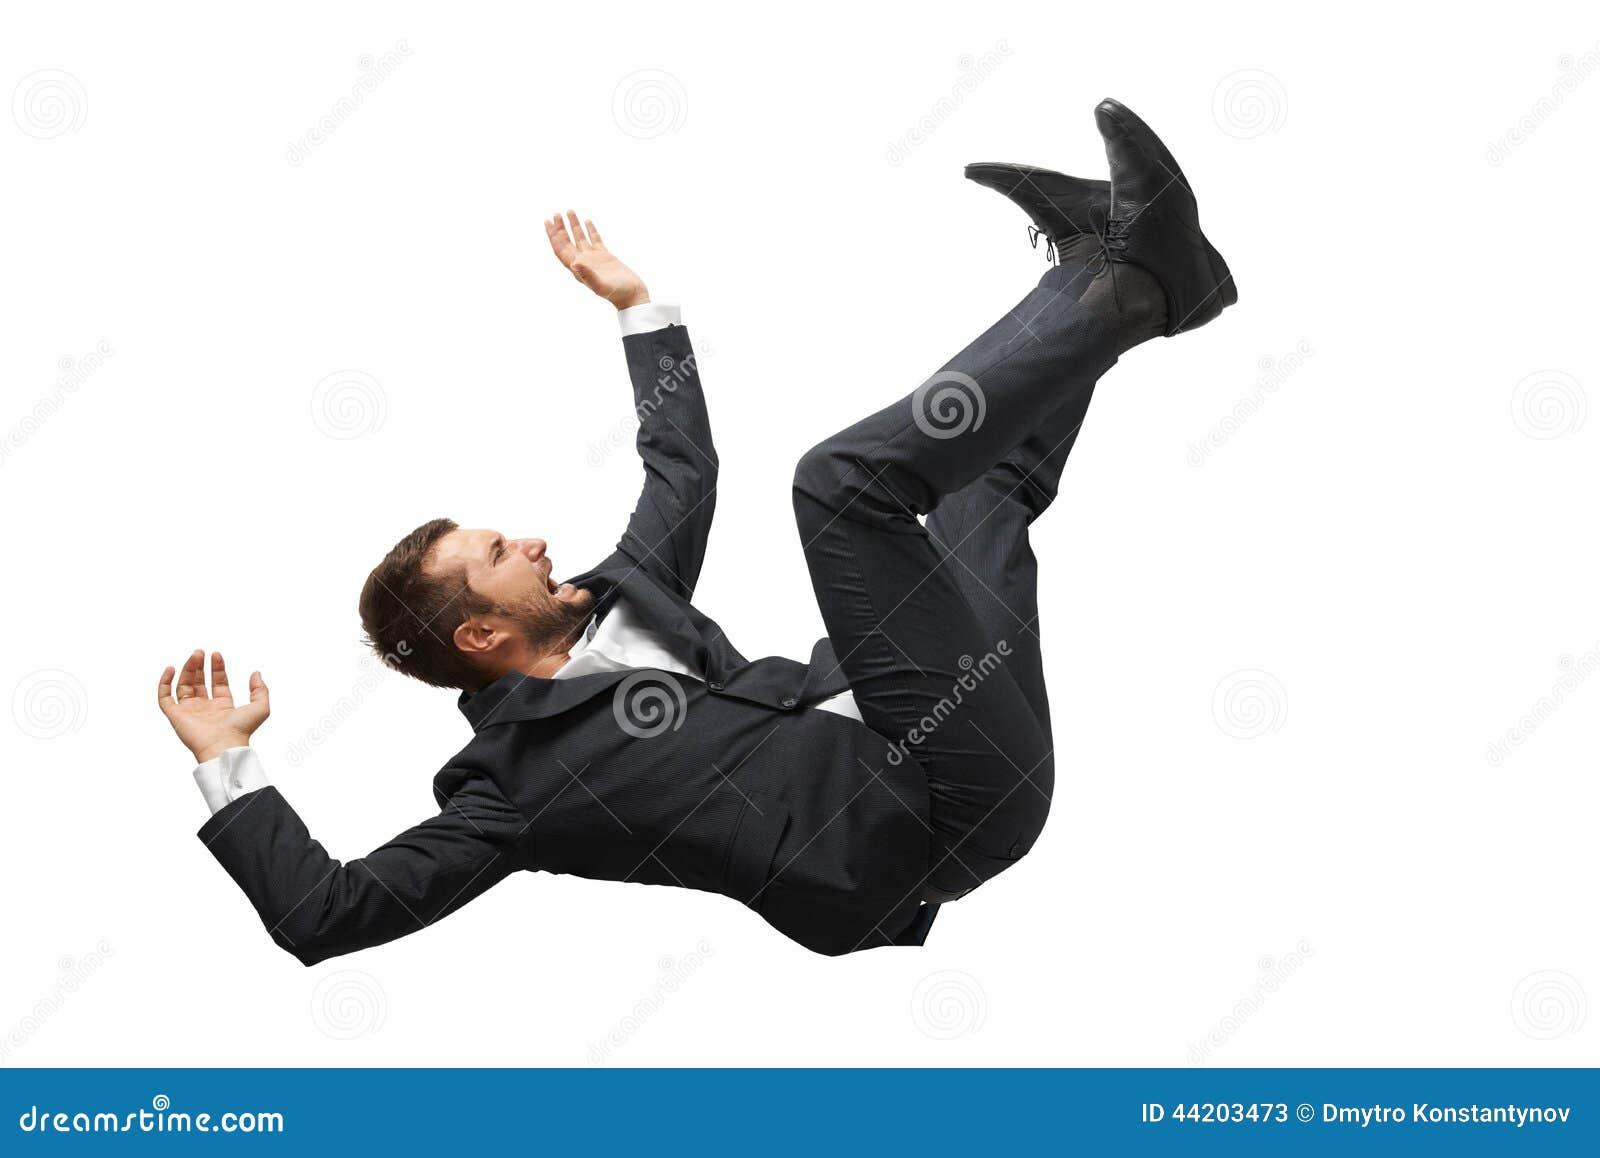 falling backwards pose